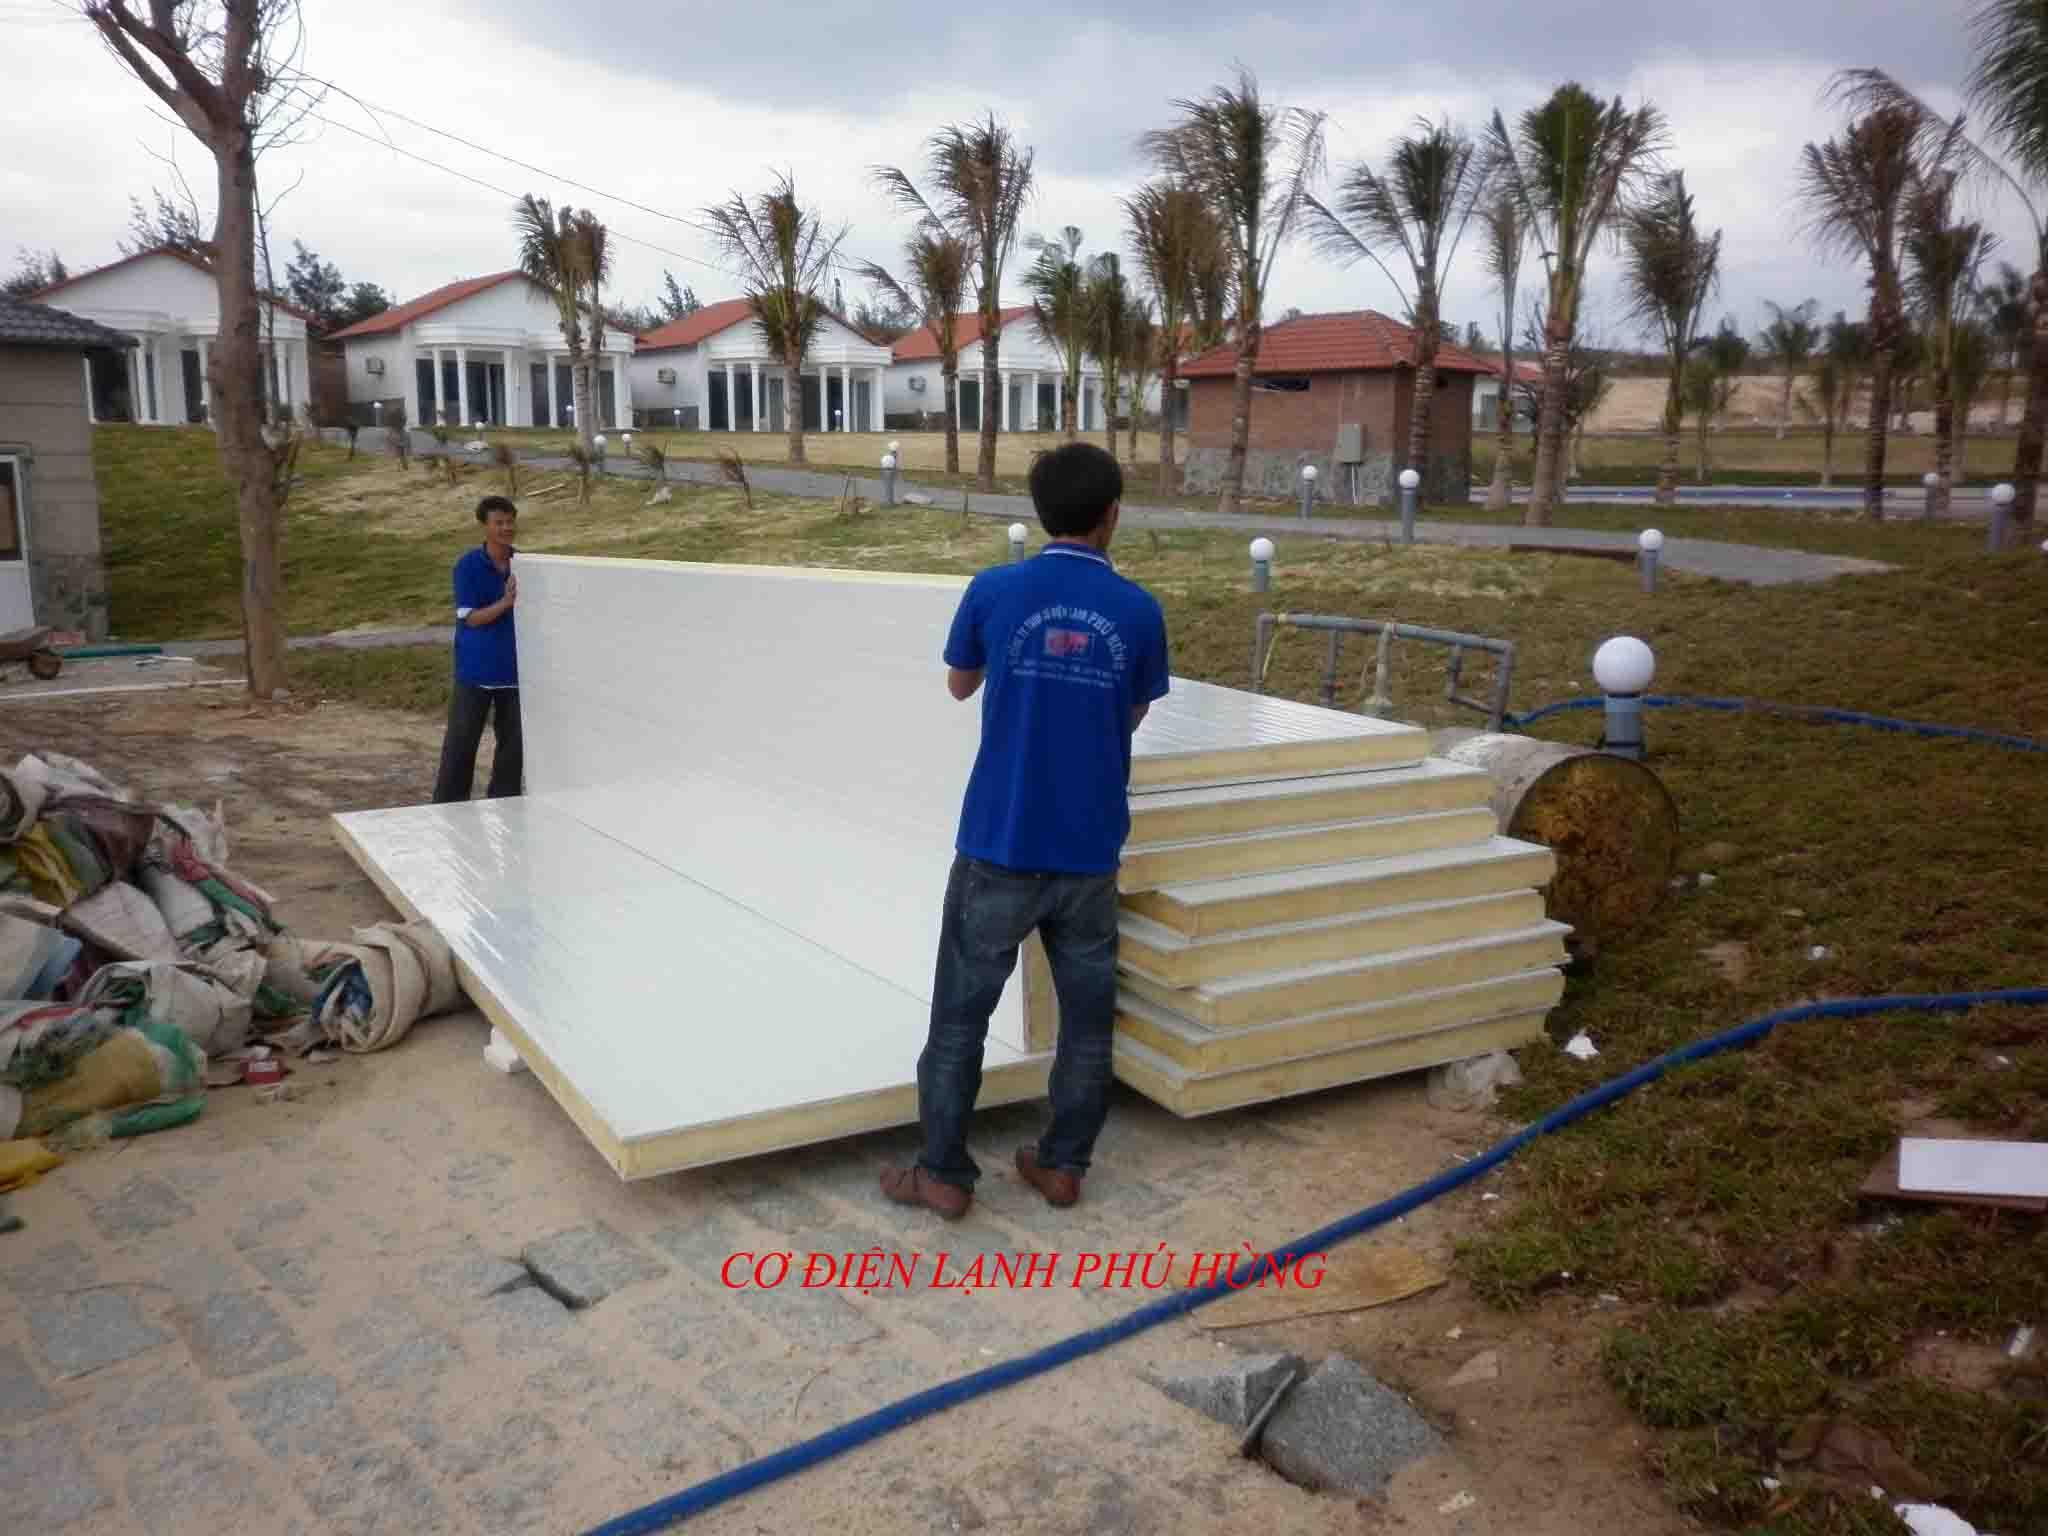 kl resortdvP10701241 - Kho lạnh khách sạn - resort  Khánh Hòa